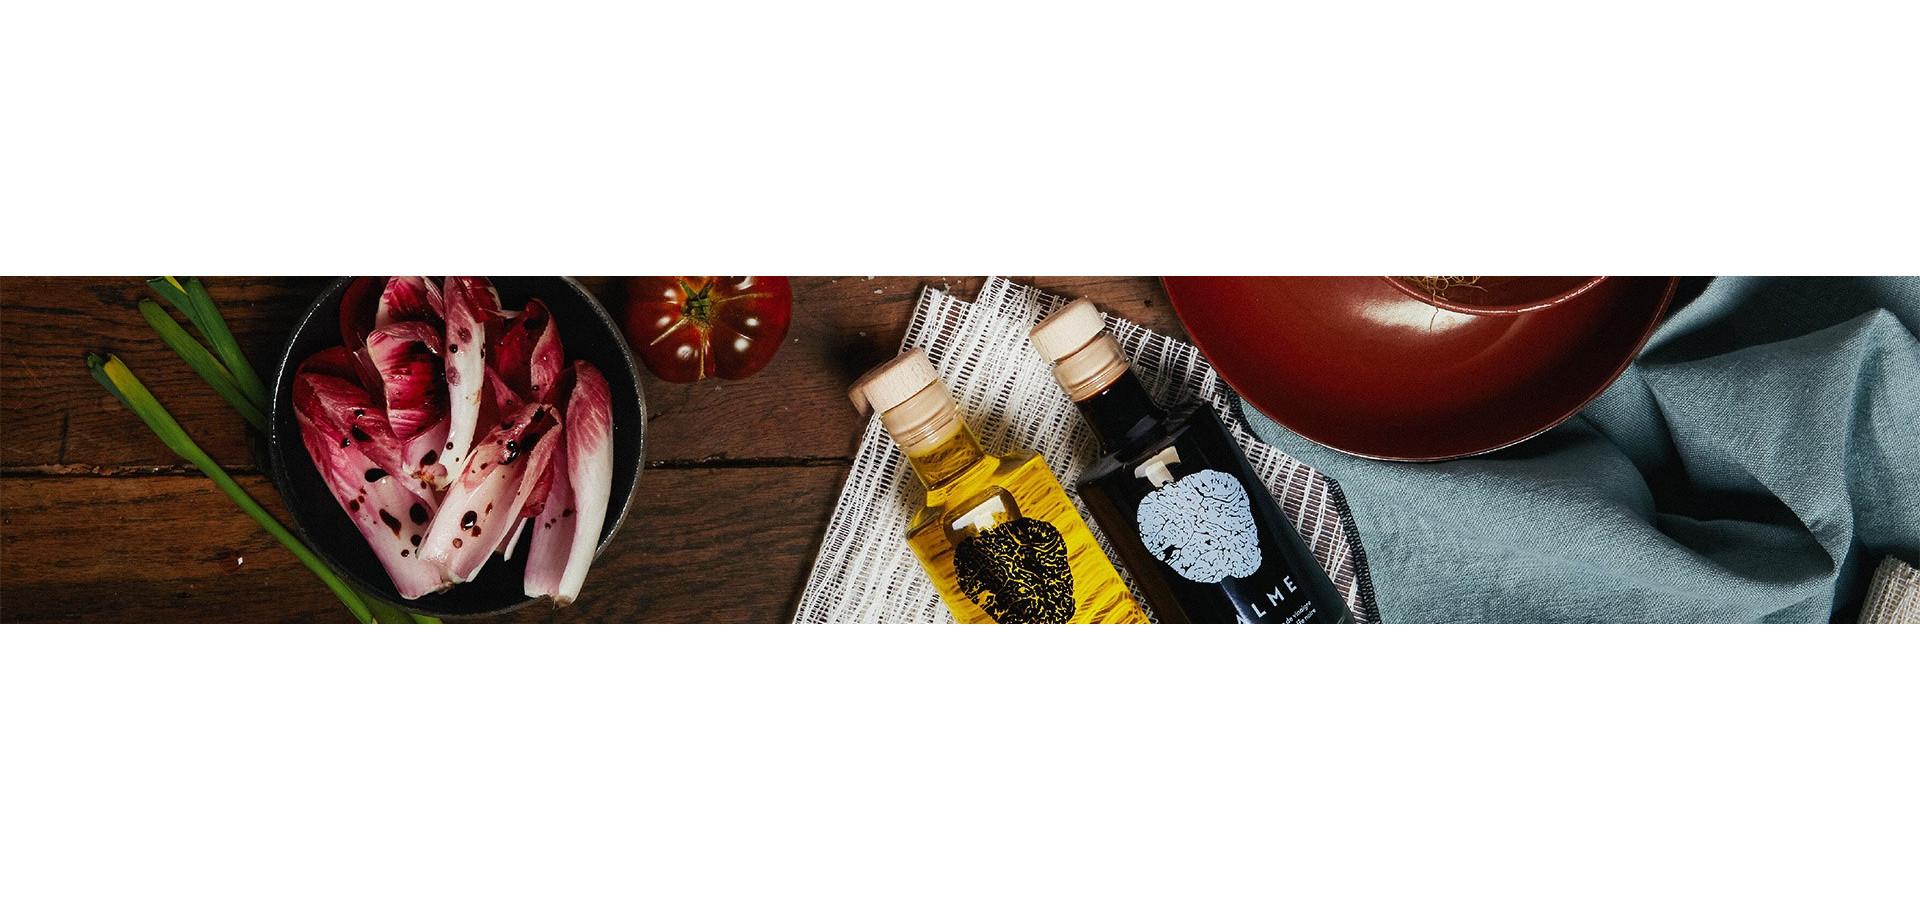 Condiment à la truffe, crème et sauce truffée - Maison Balme